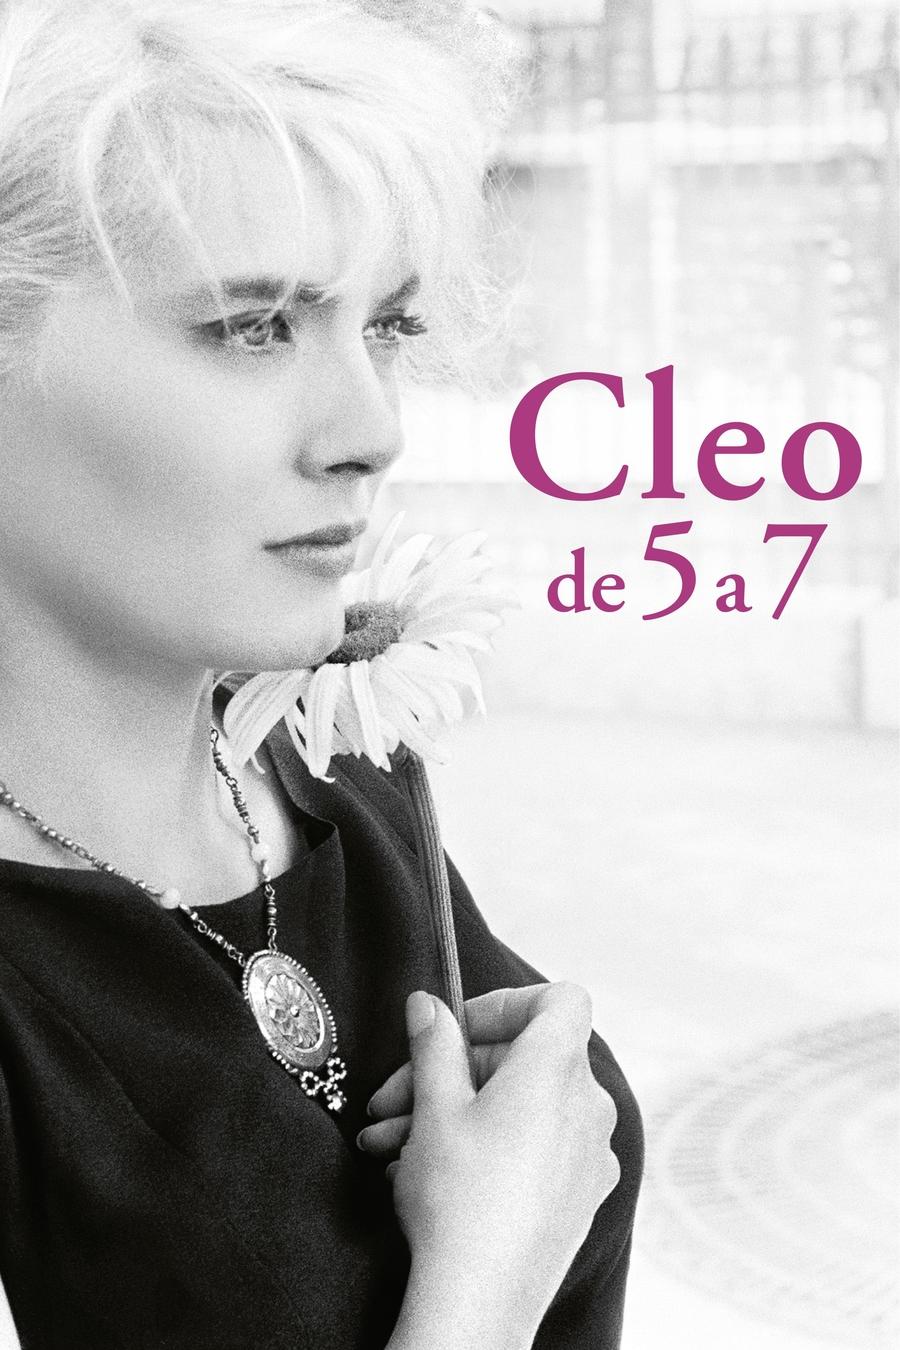 Cleo de 5 a 7